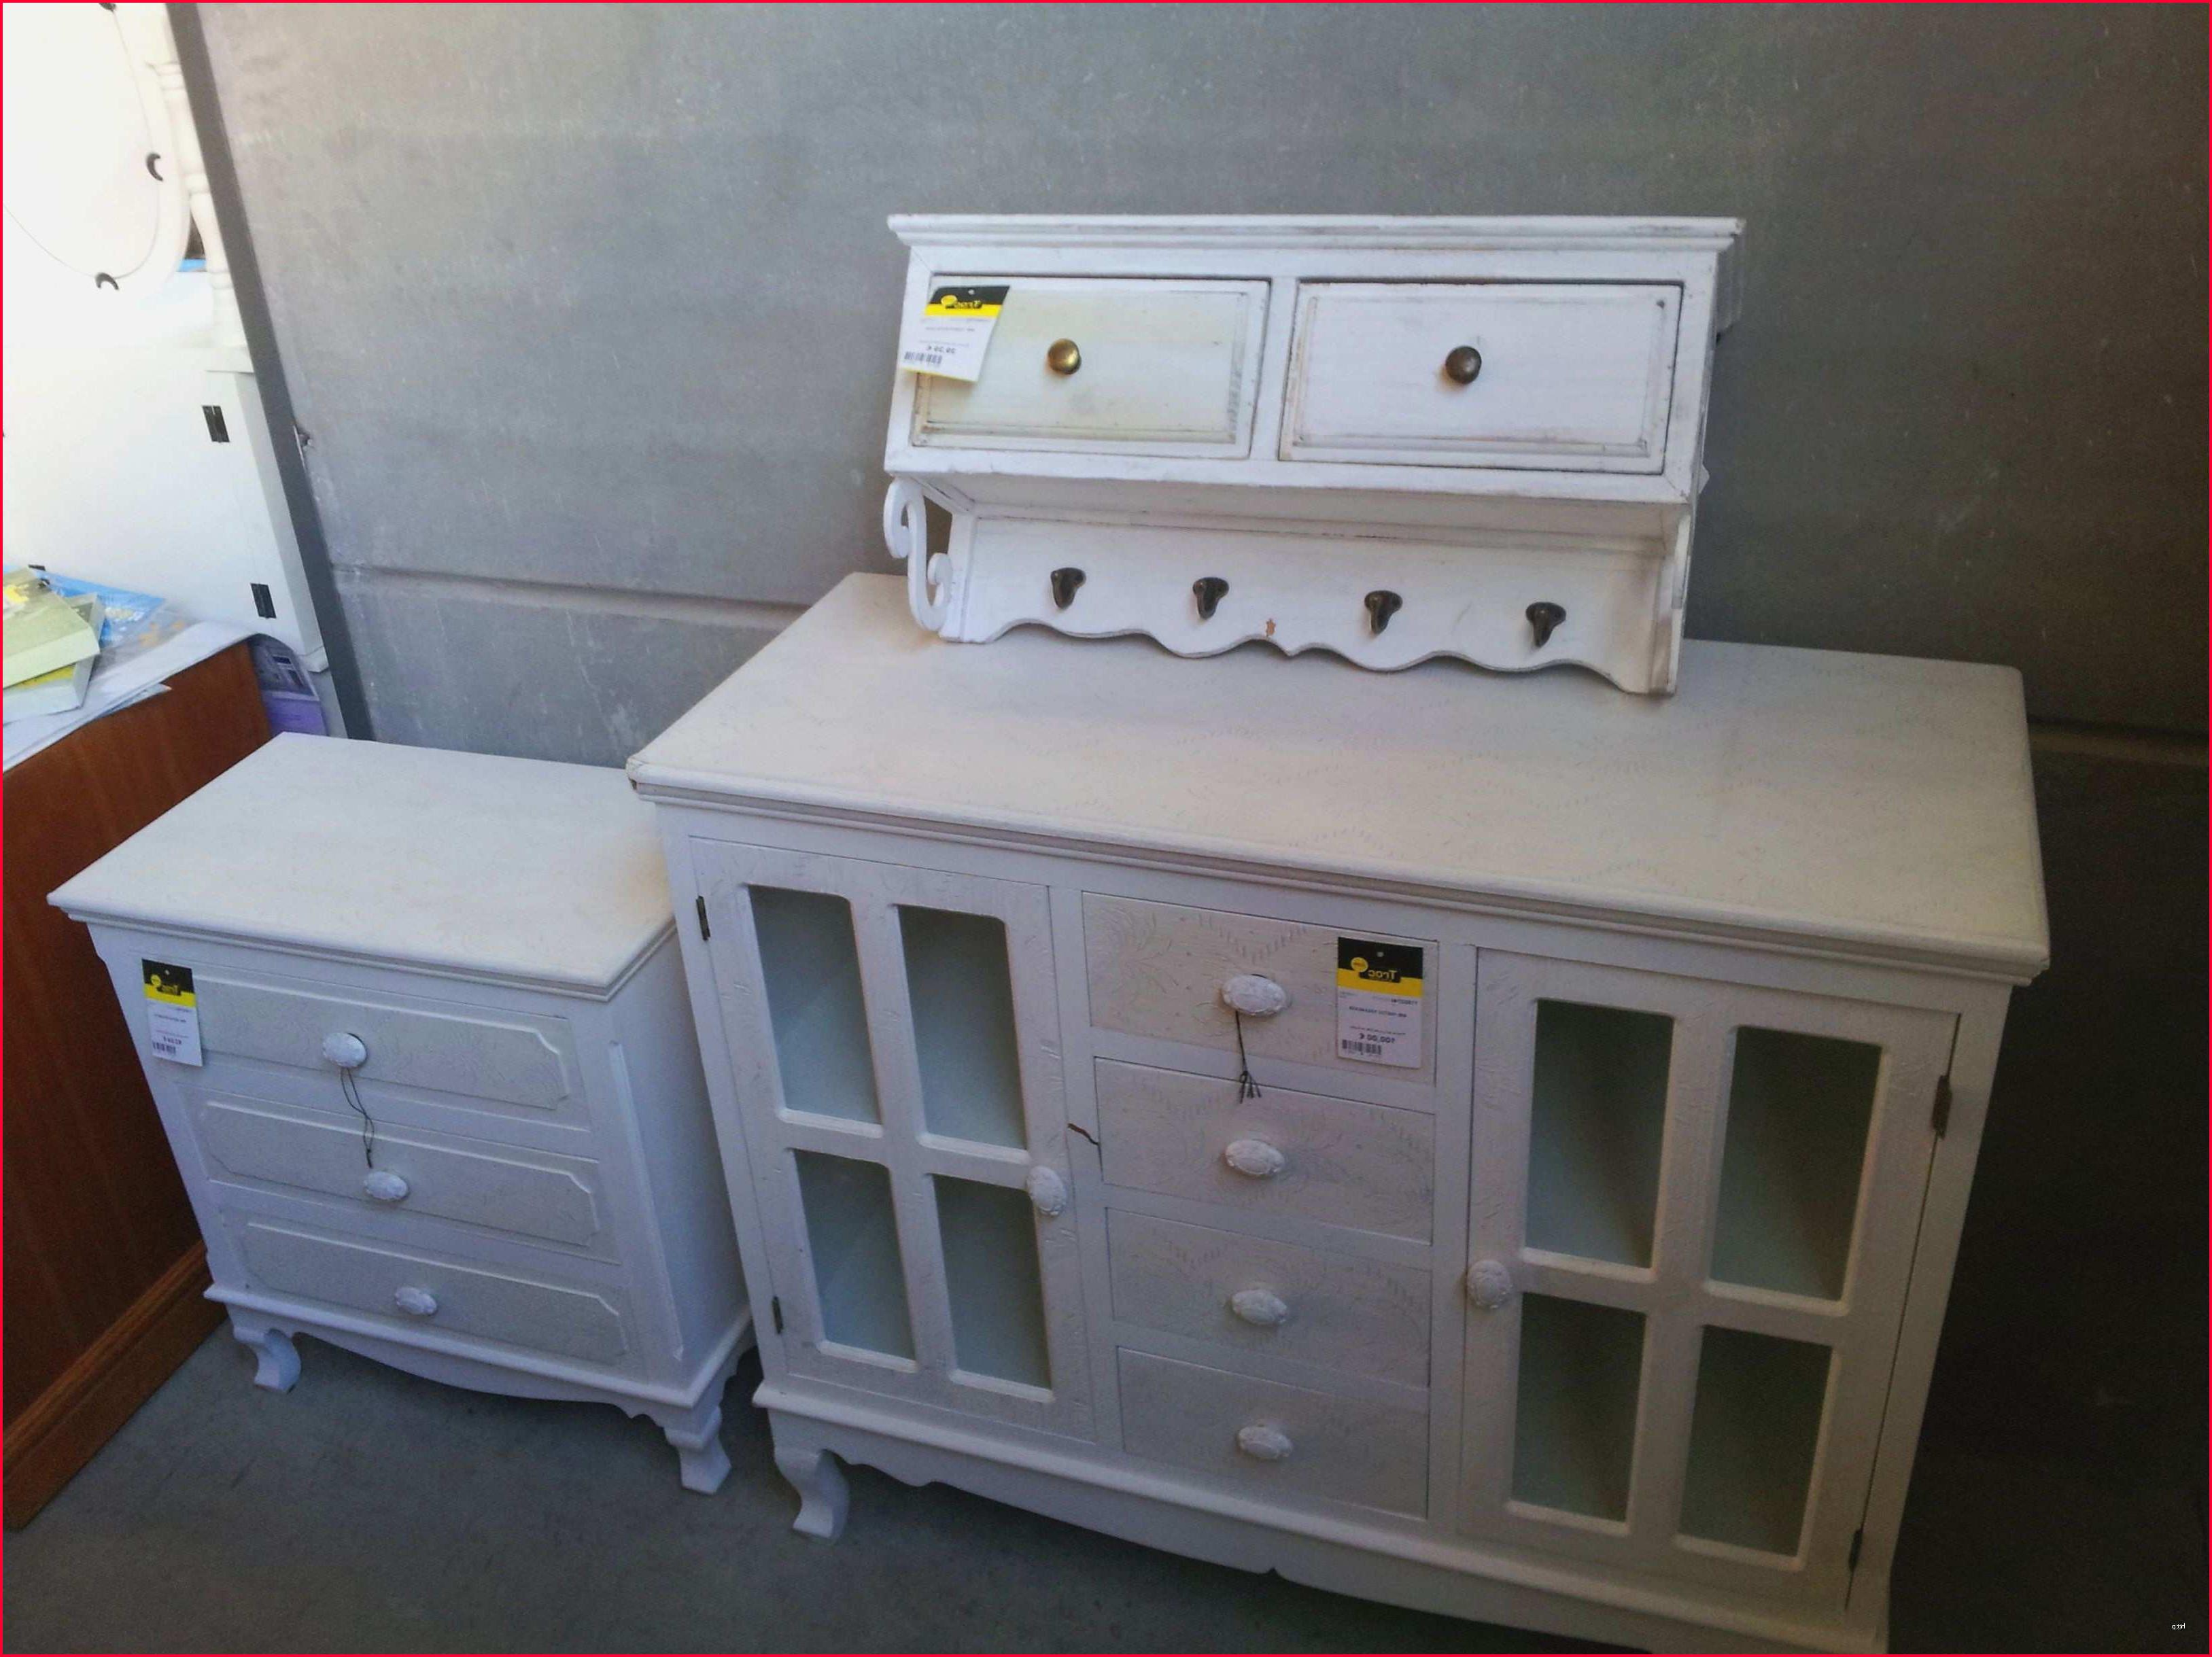 Muebles De Segunda Mano Tenerife 87dx Tienda De Muebles De Segunda Mano Nuevo Muebles Peluqueria